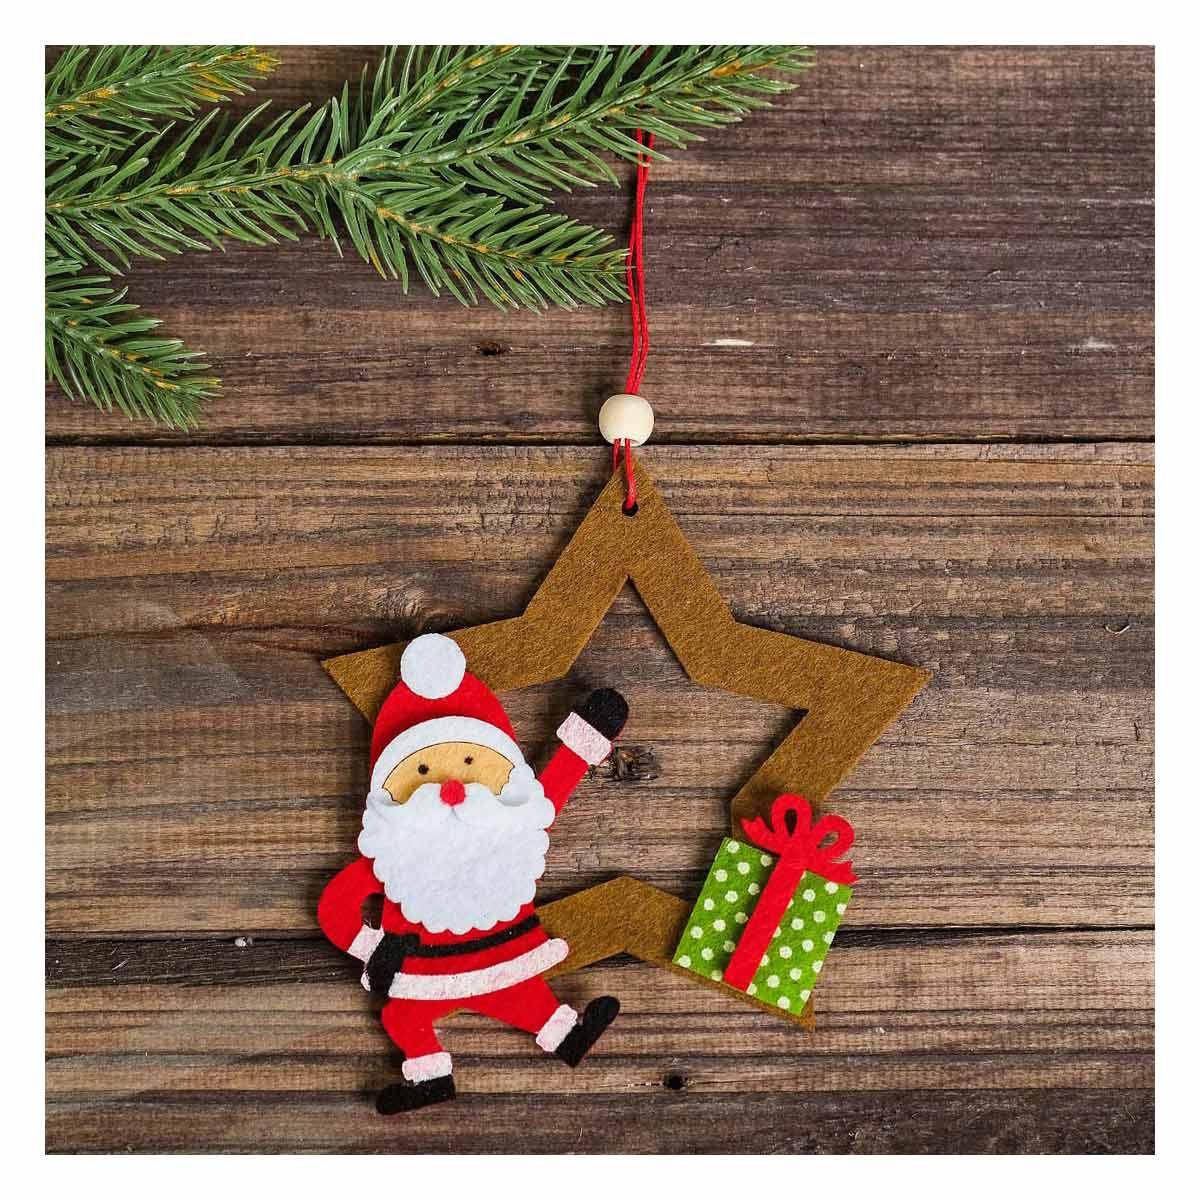 4243373 Набор для создания подвесной елочной игрушки из фетра 'Дед мороз и звезда'